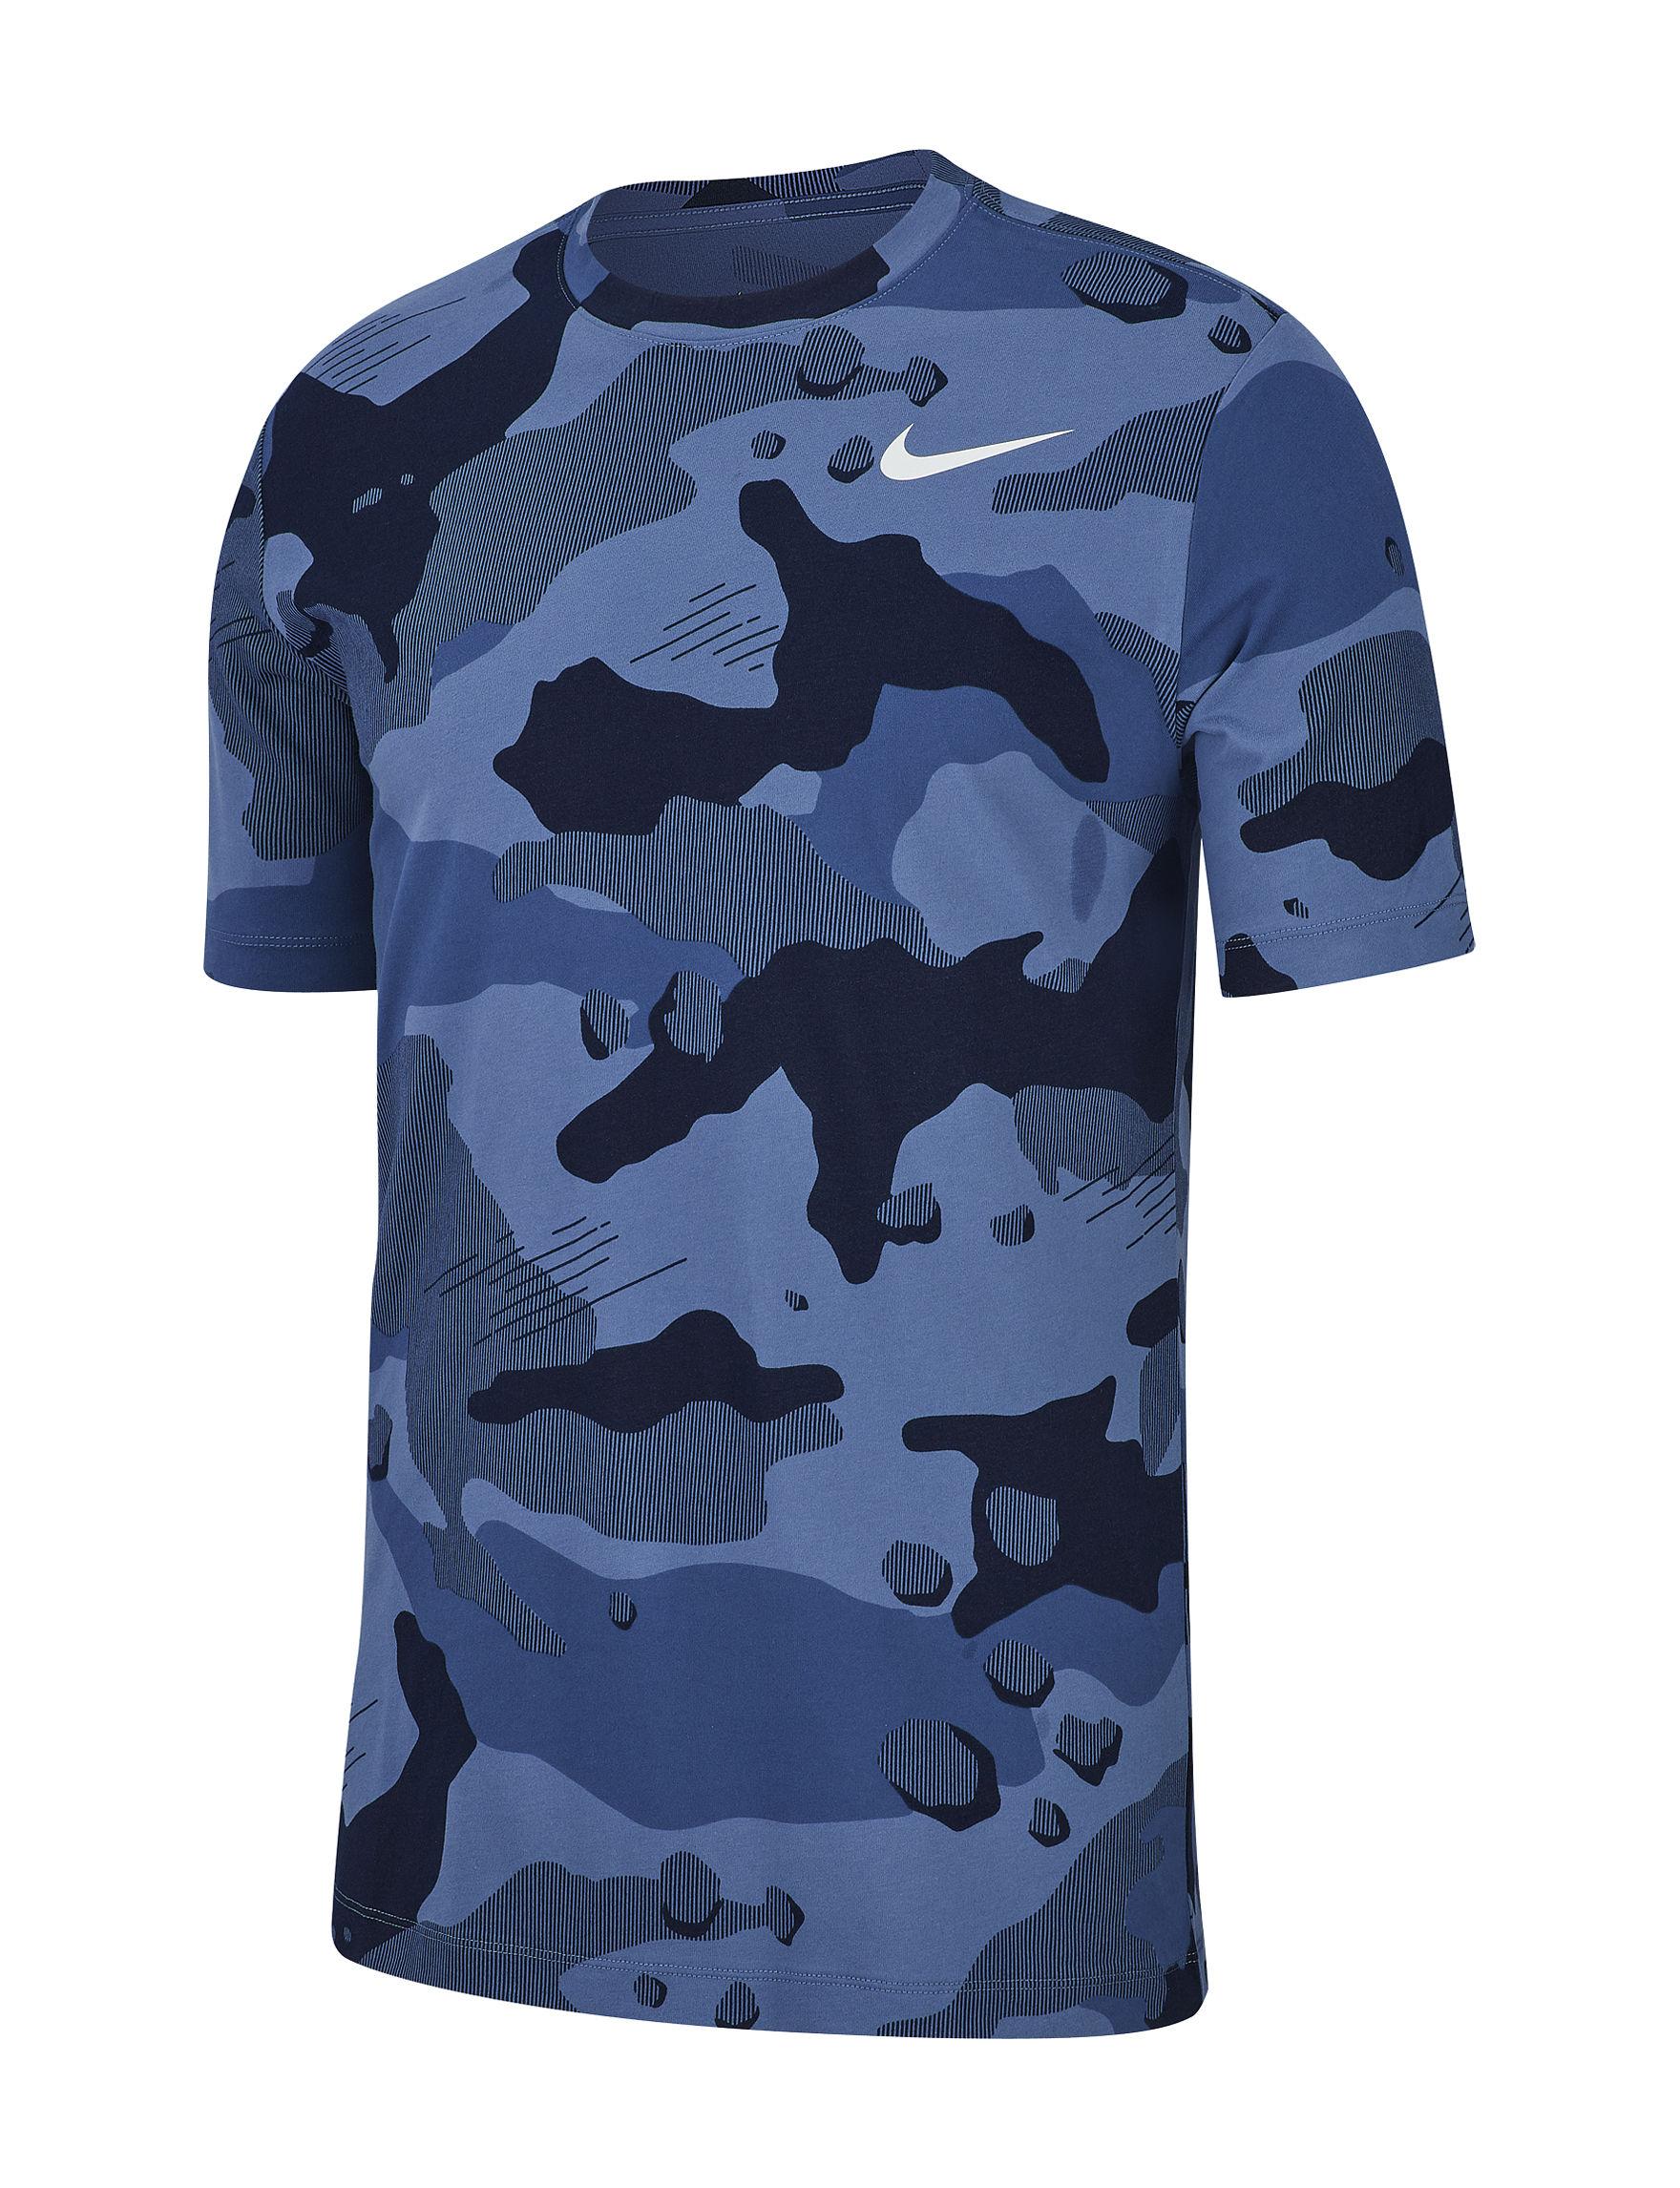 Nike Blue Camo